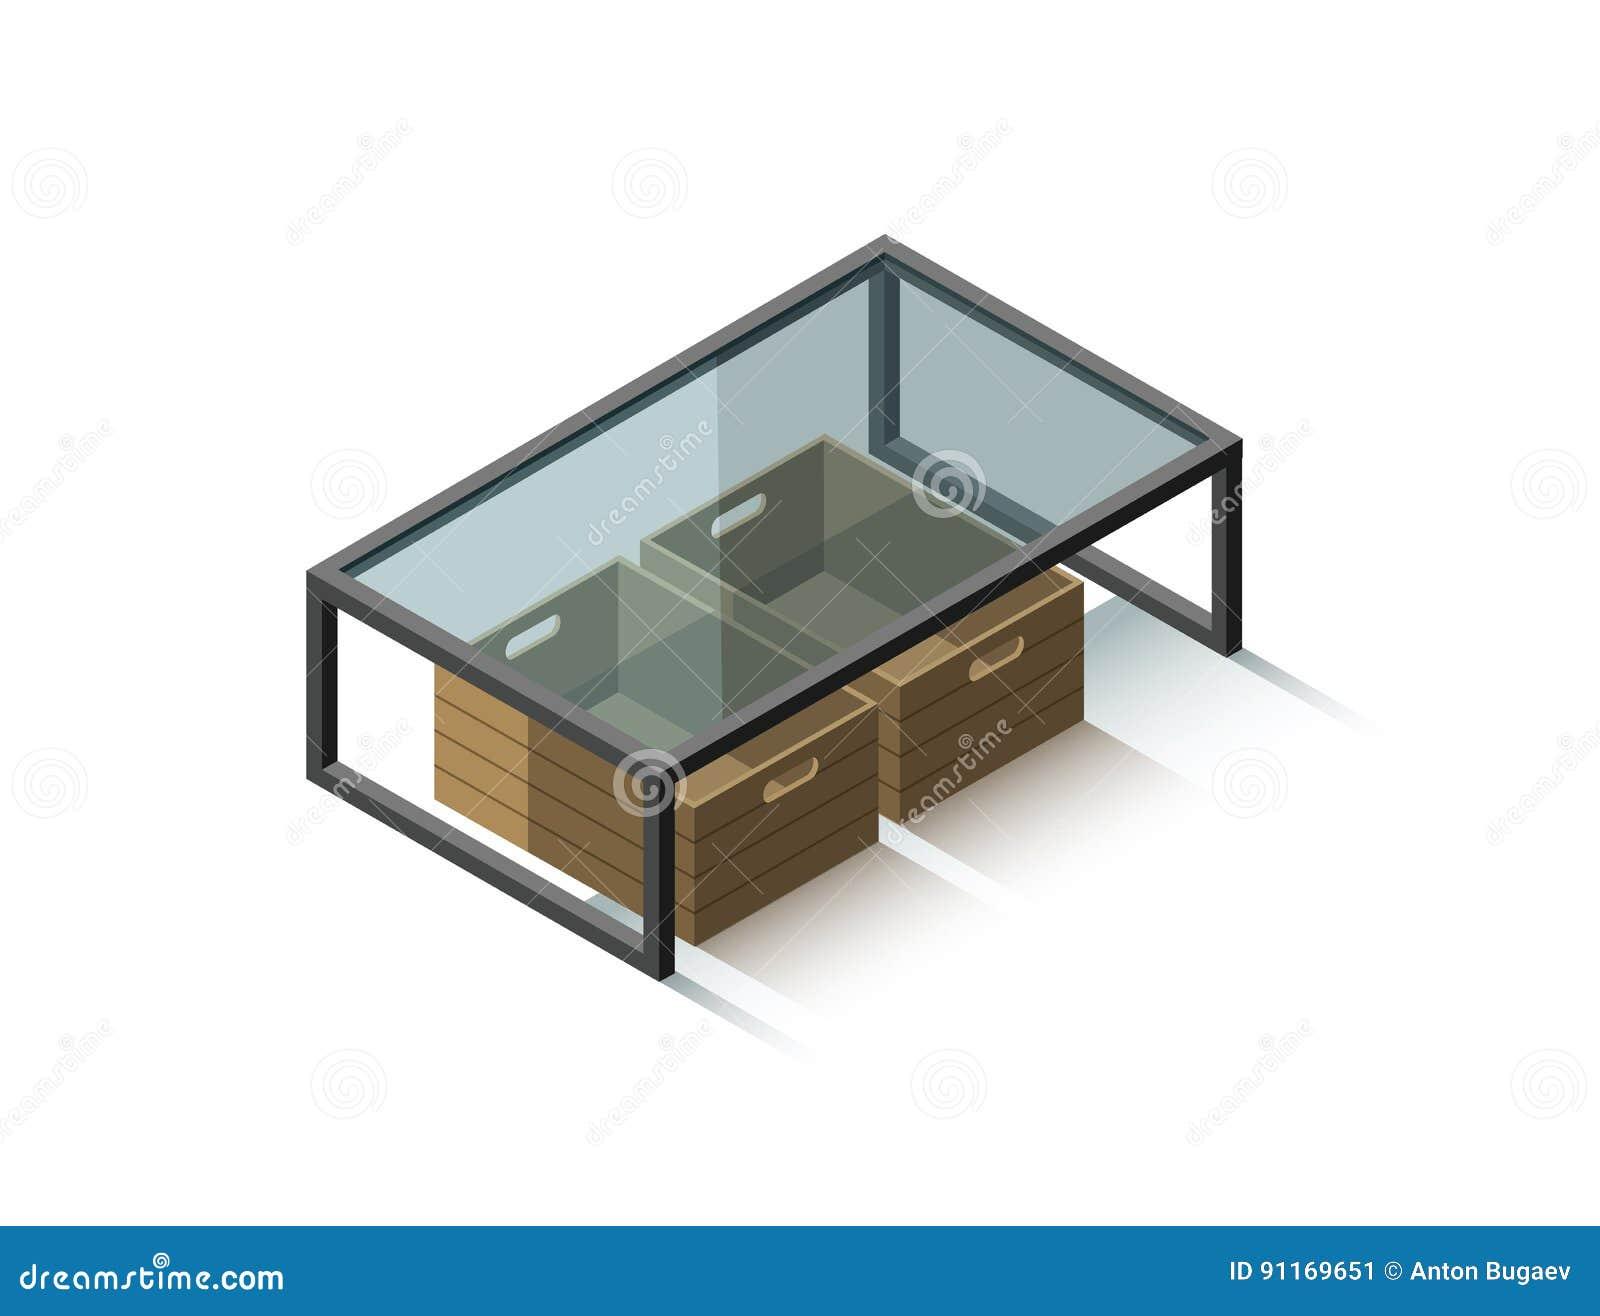 Tavolino Contenitore Da Salotto.Tavolino Da Salotto Di Vetro Isometrico Di Vettore Con Il